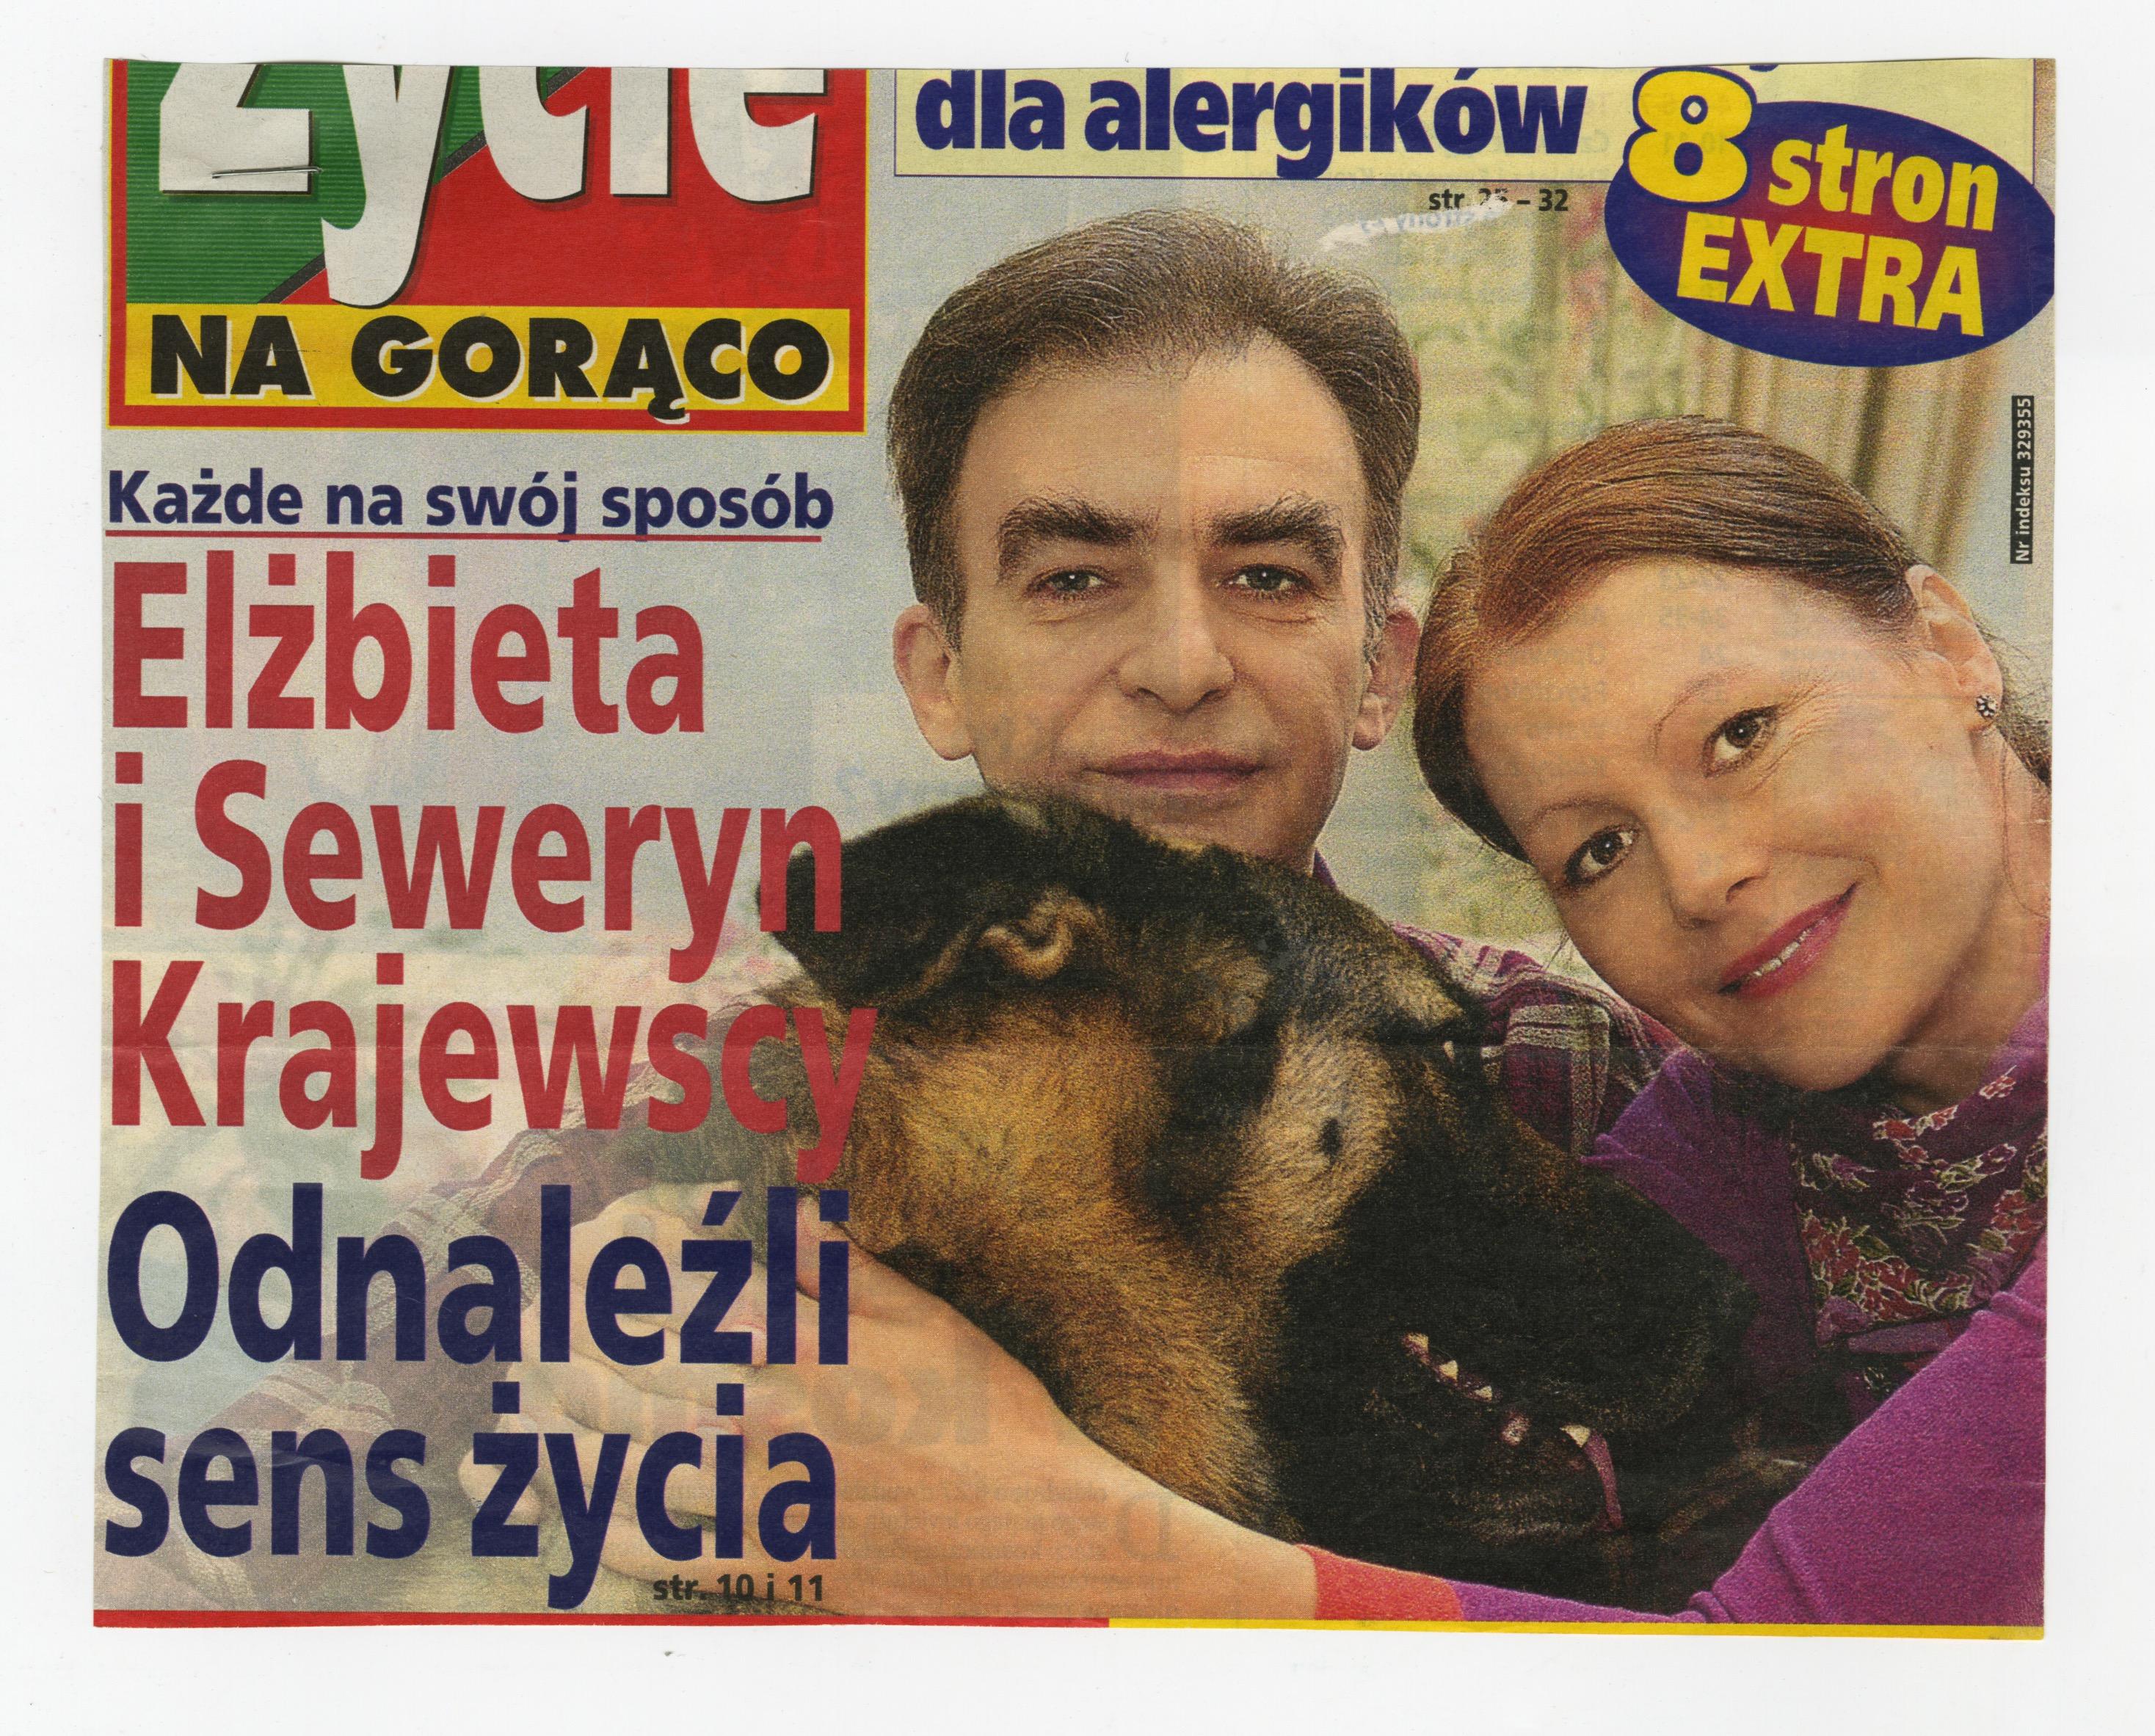 2004-2012-Zycie_na_goraco_EK_i_SK_Odnalezli_sens_zycia_01